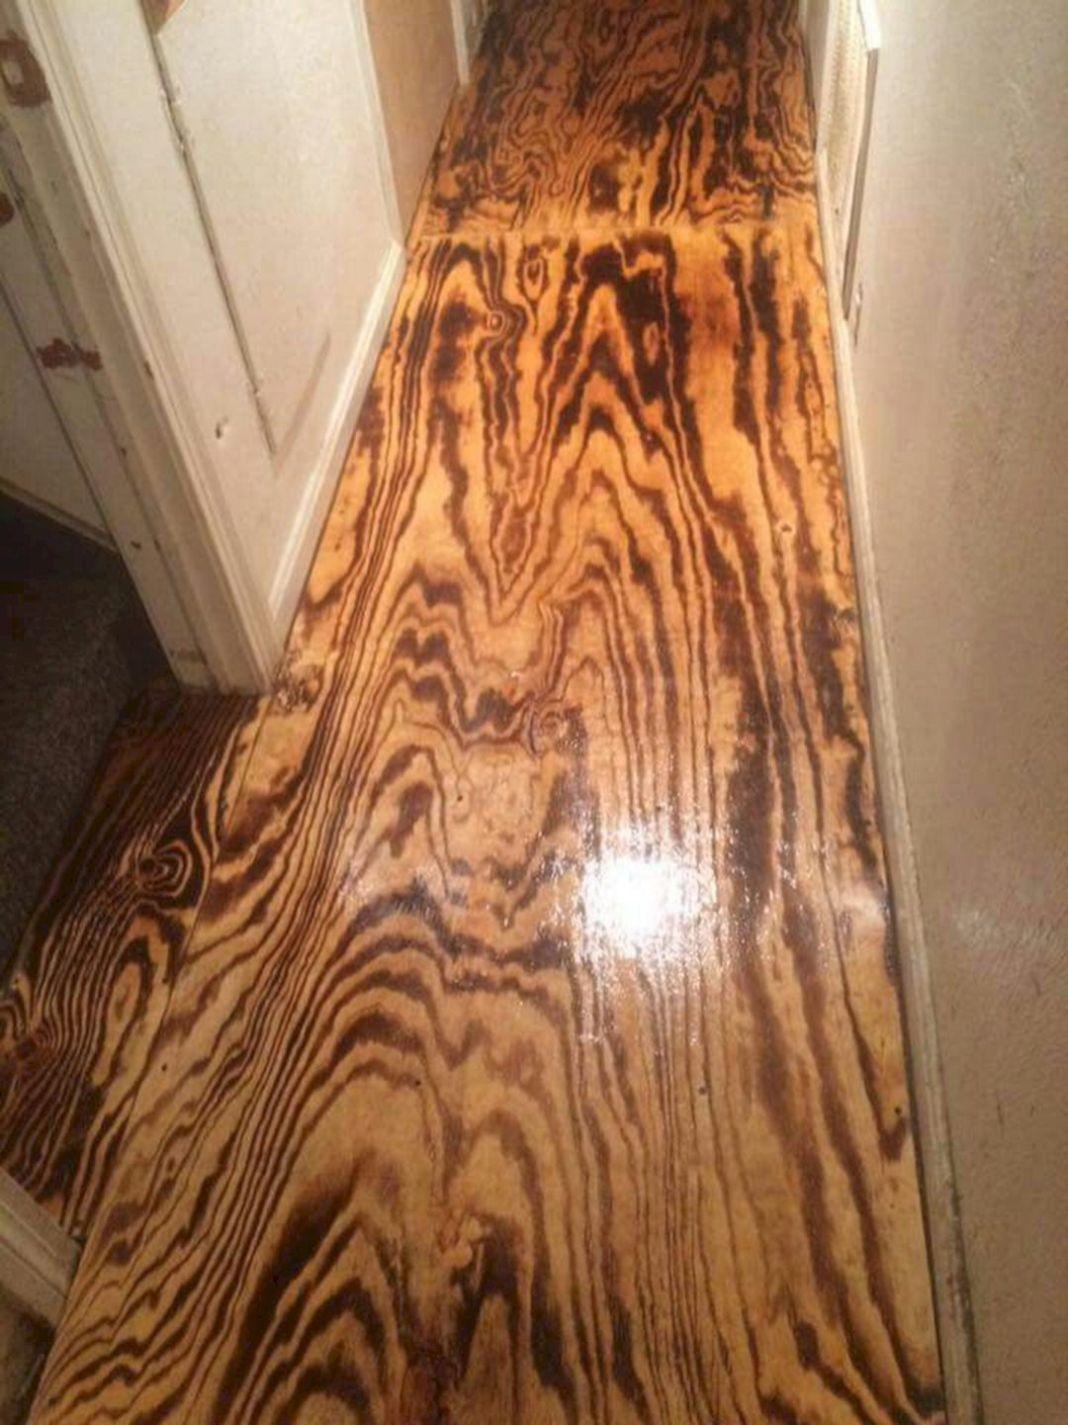 Wood Burnt Plywood Floors Wood Burnt Plywood Floors Design Ideas And Photos Burnt Plywood Floor Wood Floor Design Plywood Flooring Diy